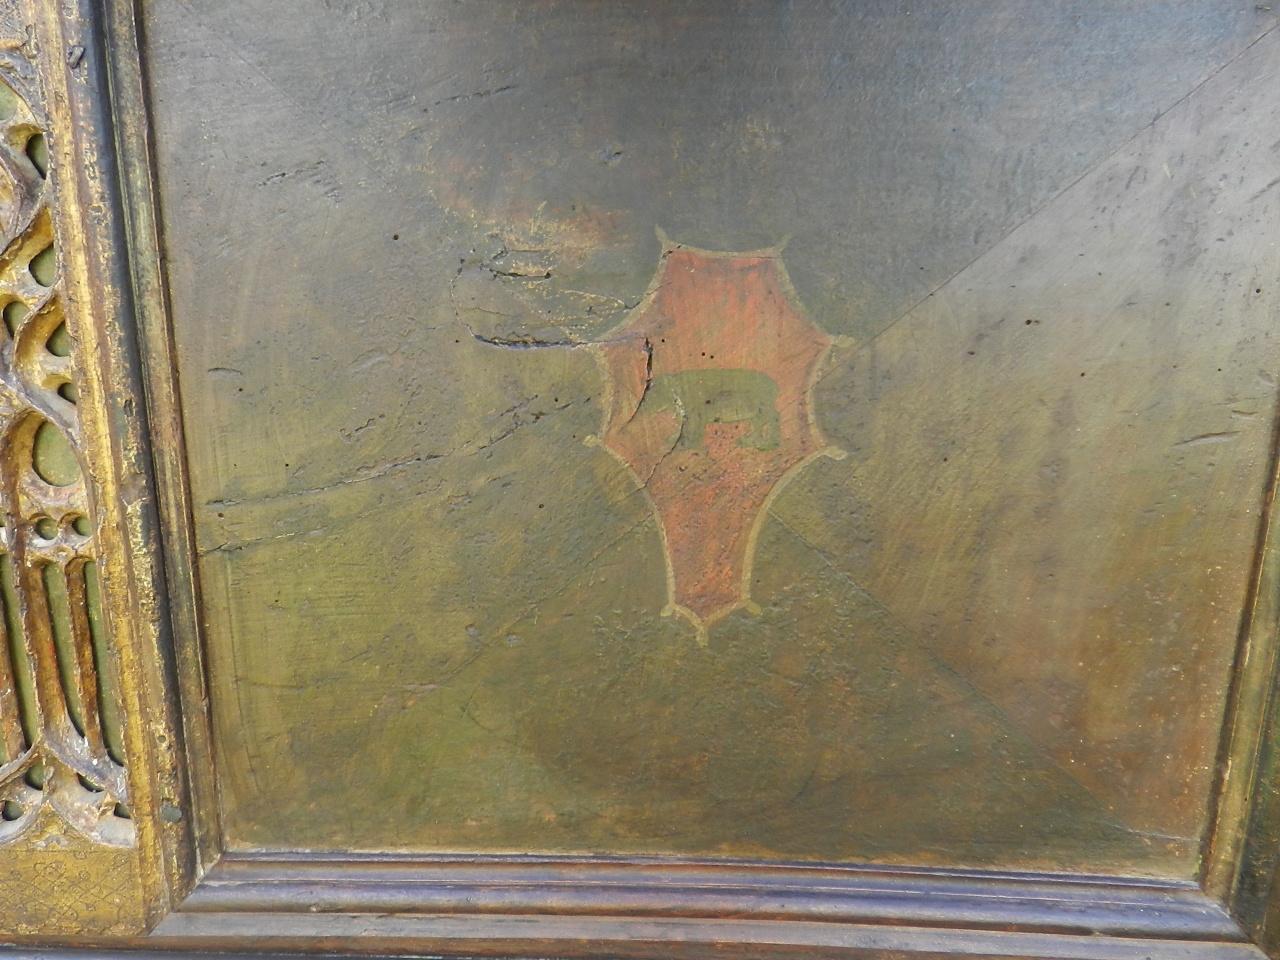 Imagen ARCON MADERA DE NOGAL SIGLO XVIII 32875